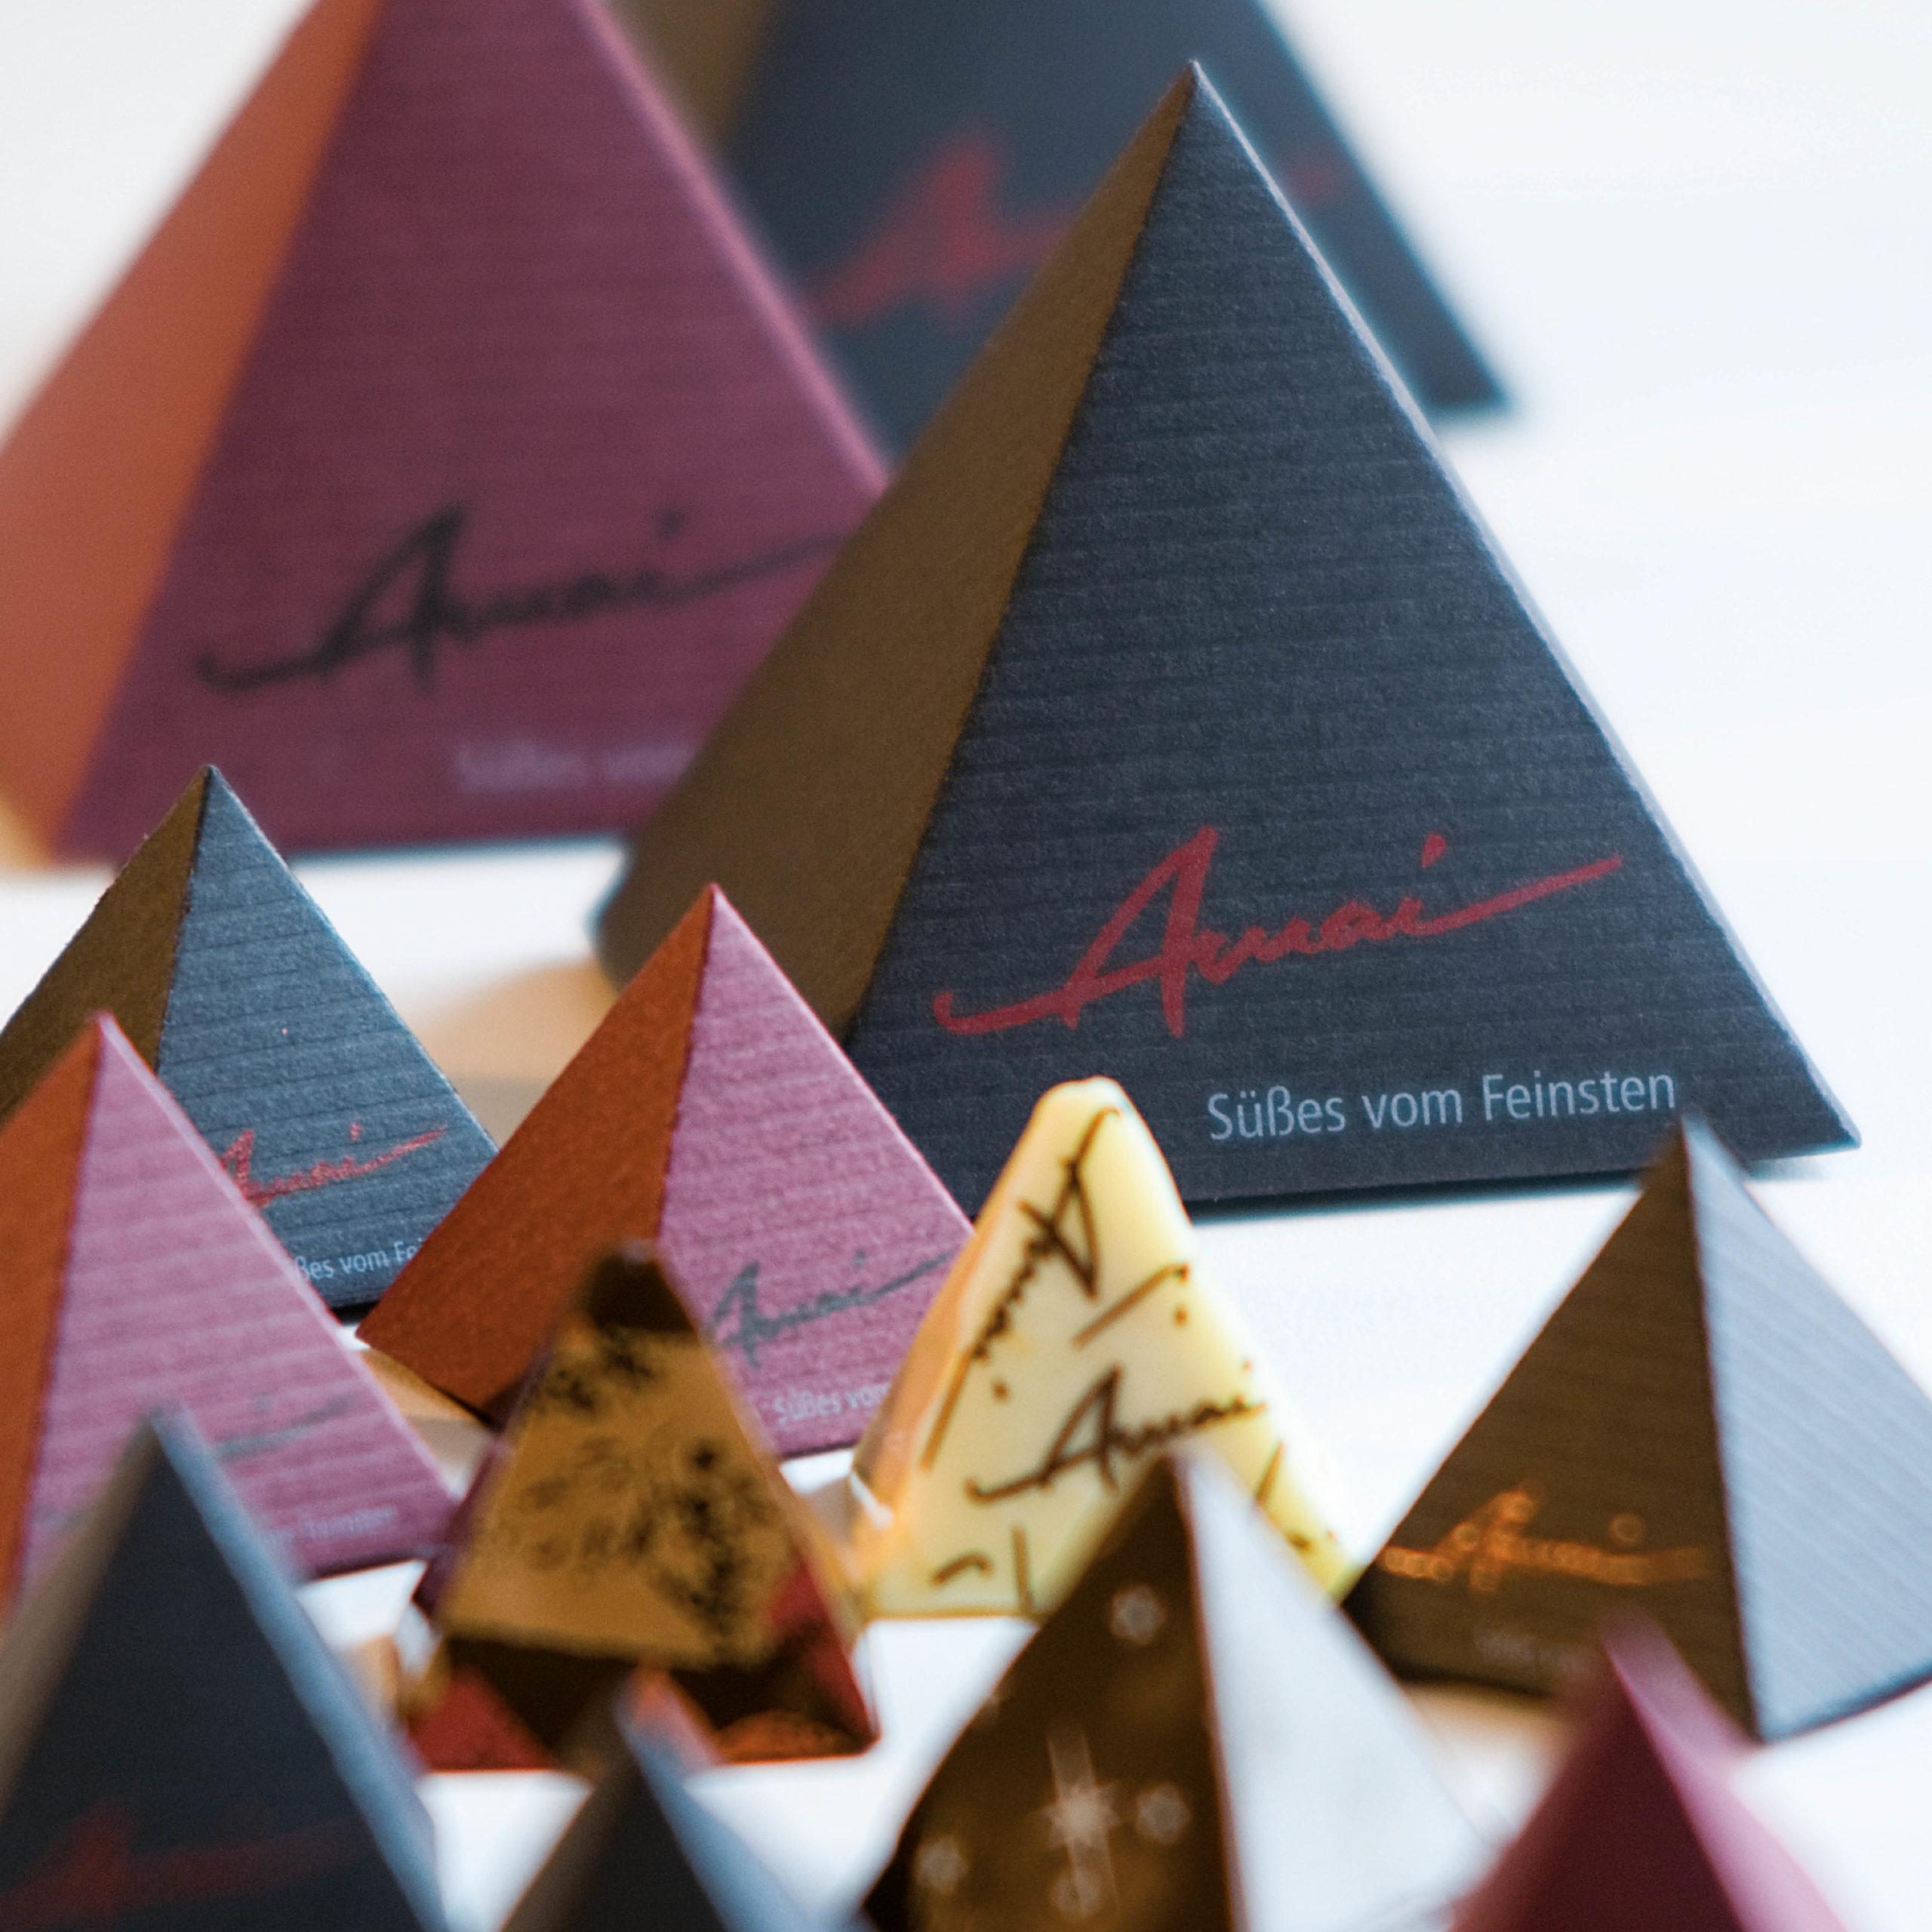 Individuelle Verpackung für außergewöhnliche Pralinen von Amal